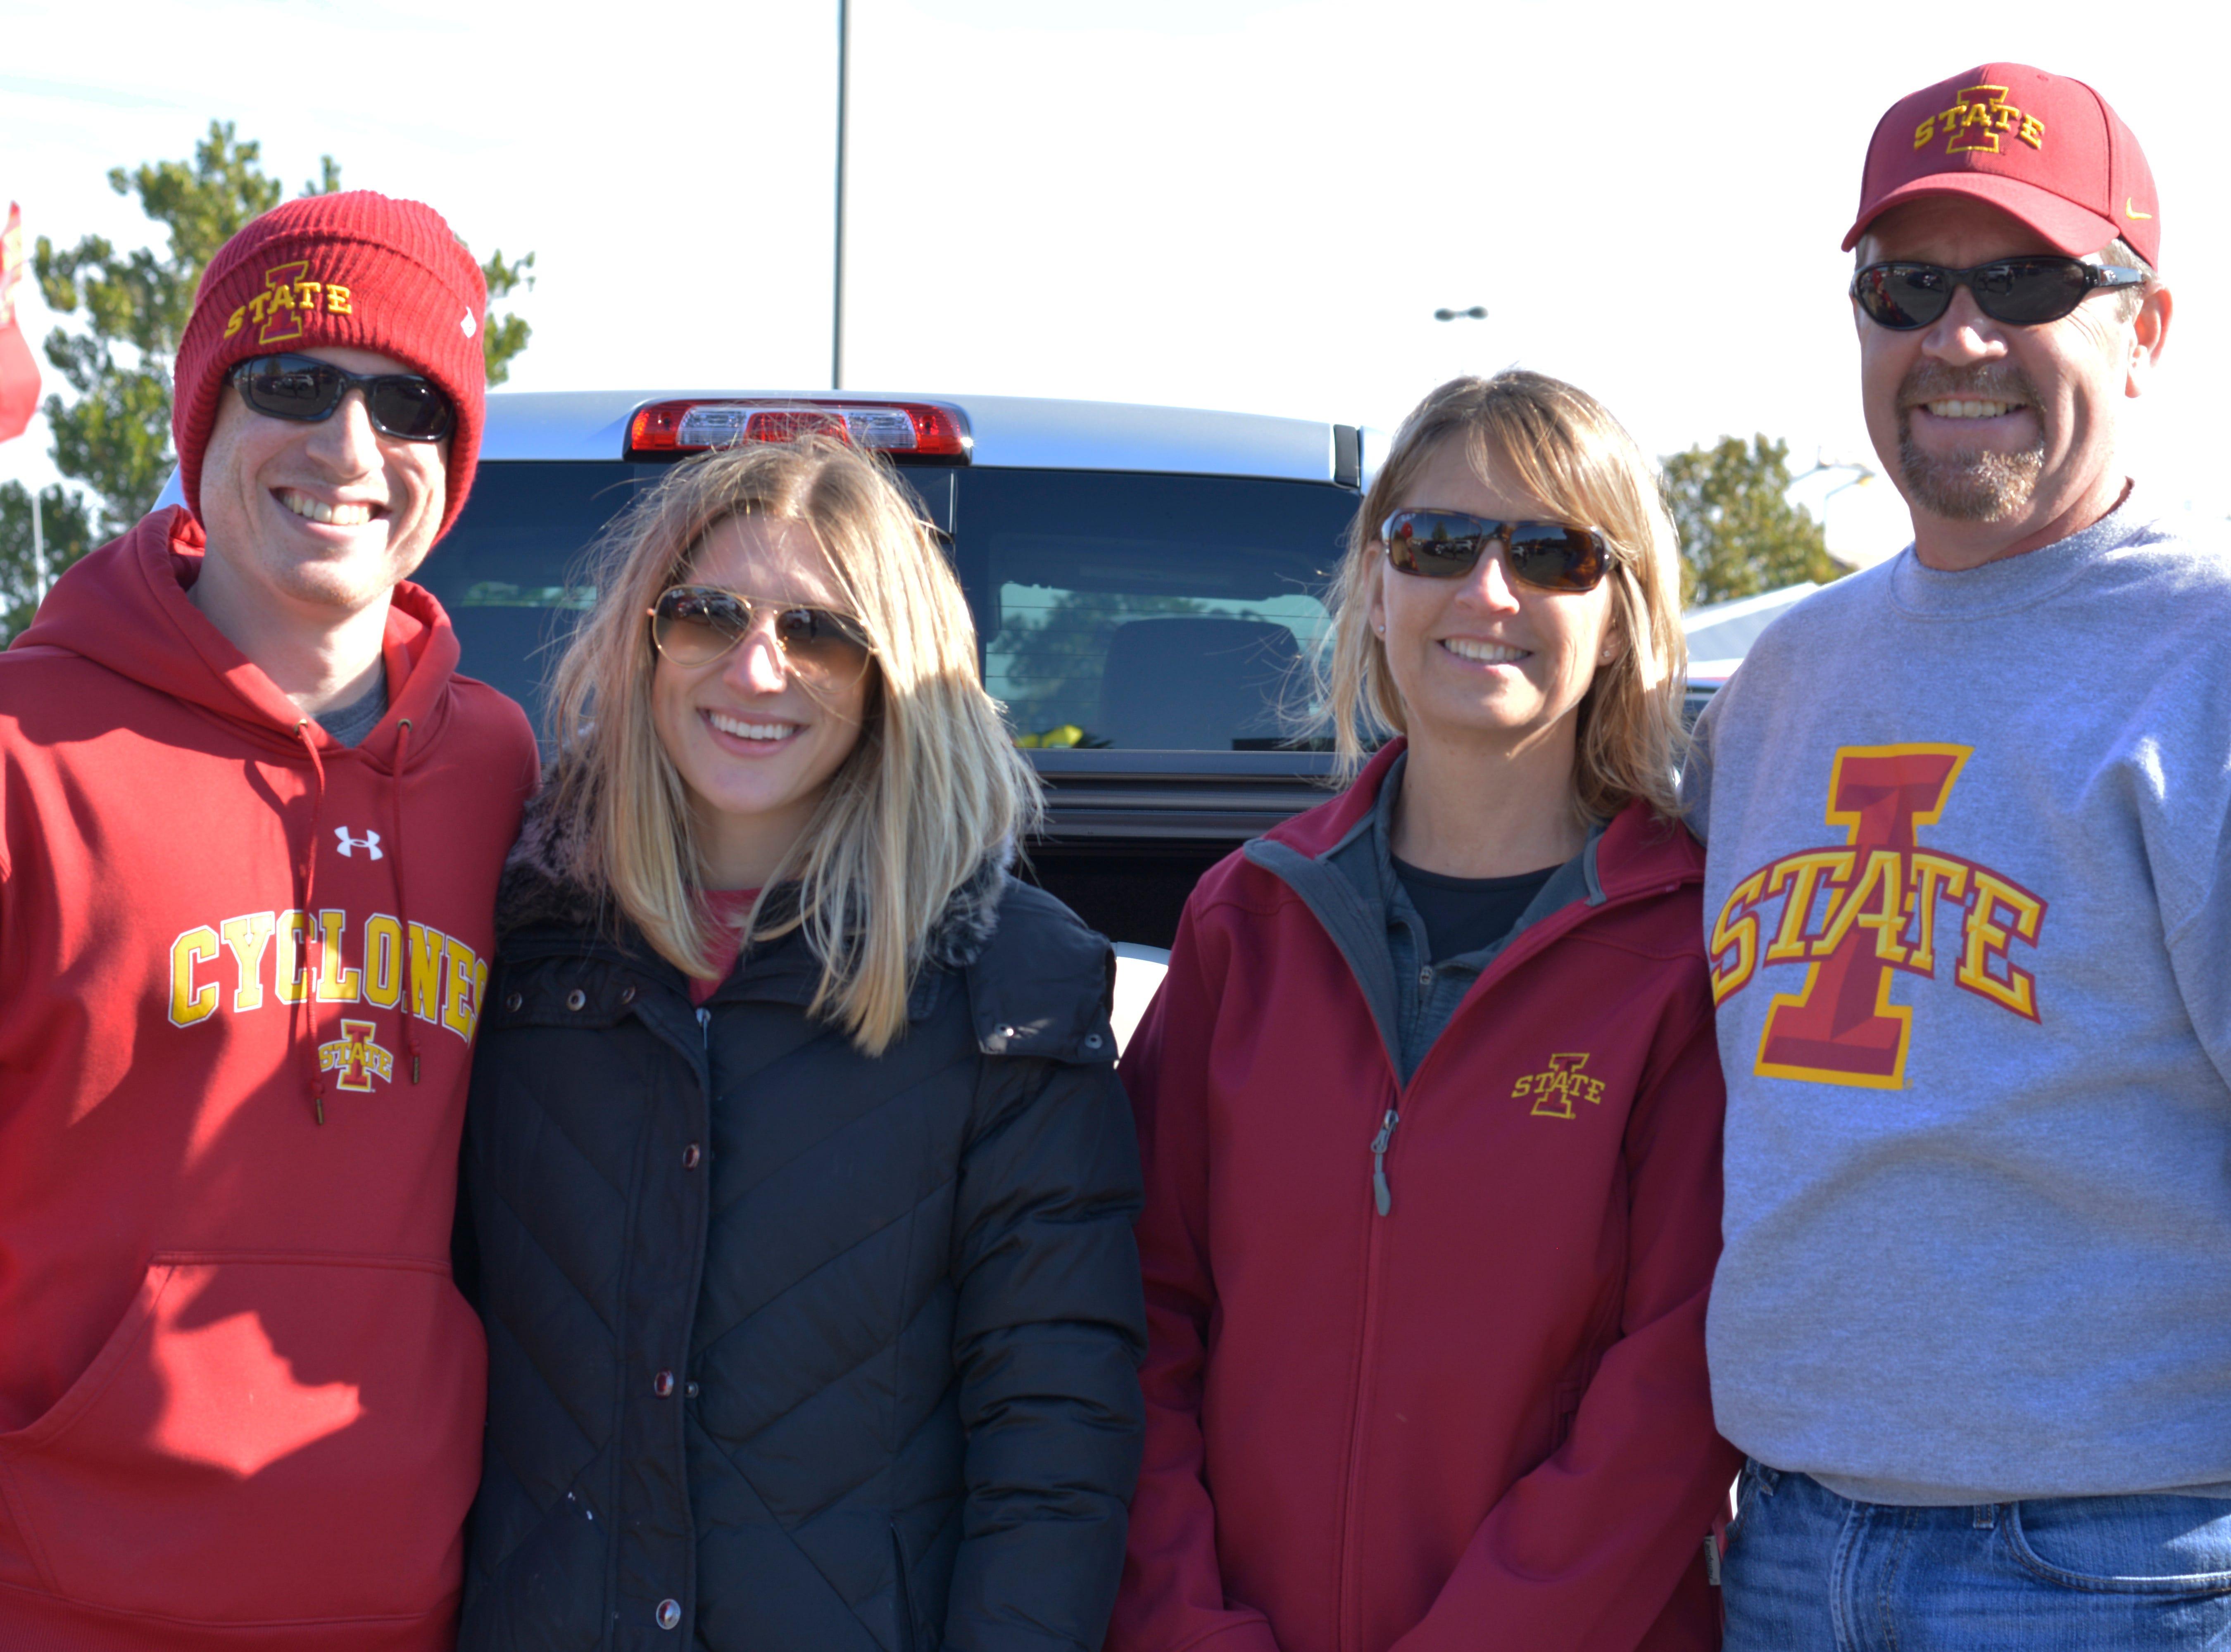 Bill Burtnett, (from left) Sonya Burtnett, Morgan Burtnett and Jeff Burtnett before the Iowa State University football game against West Virginia in Ames on Oct. 13.